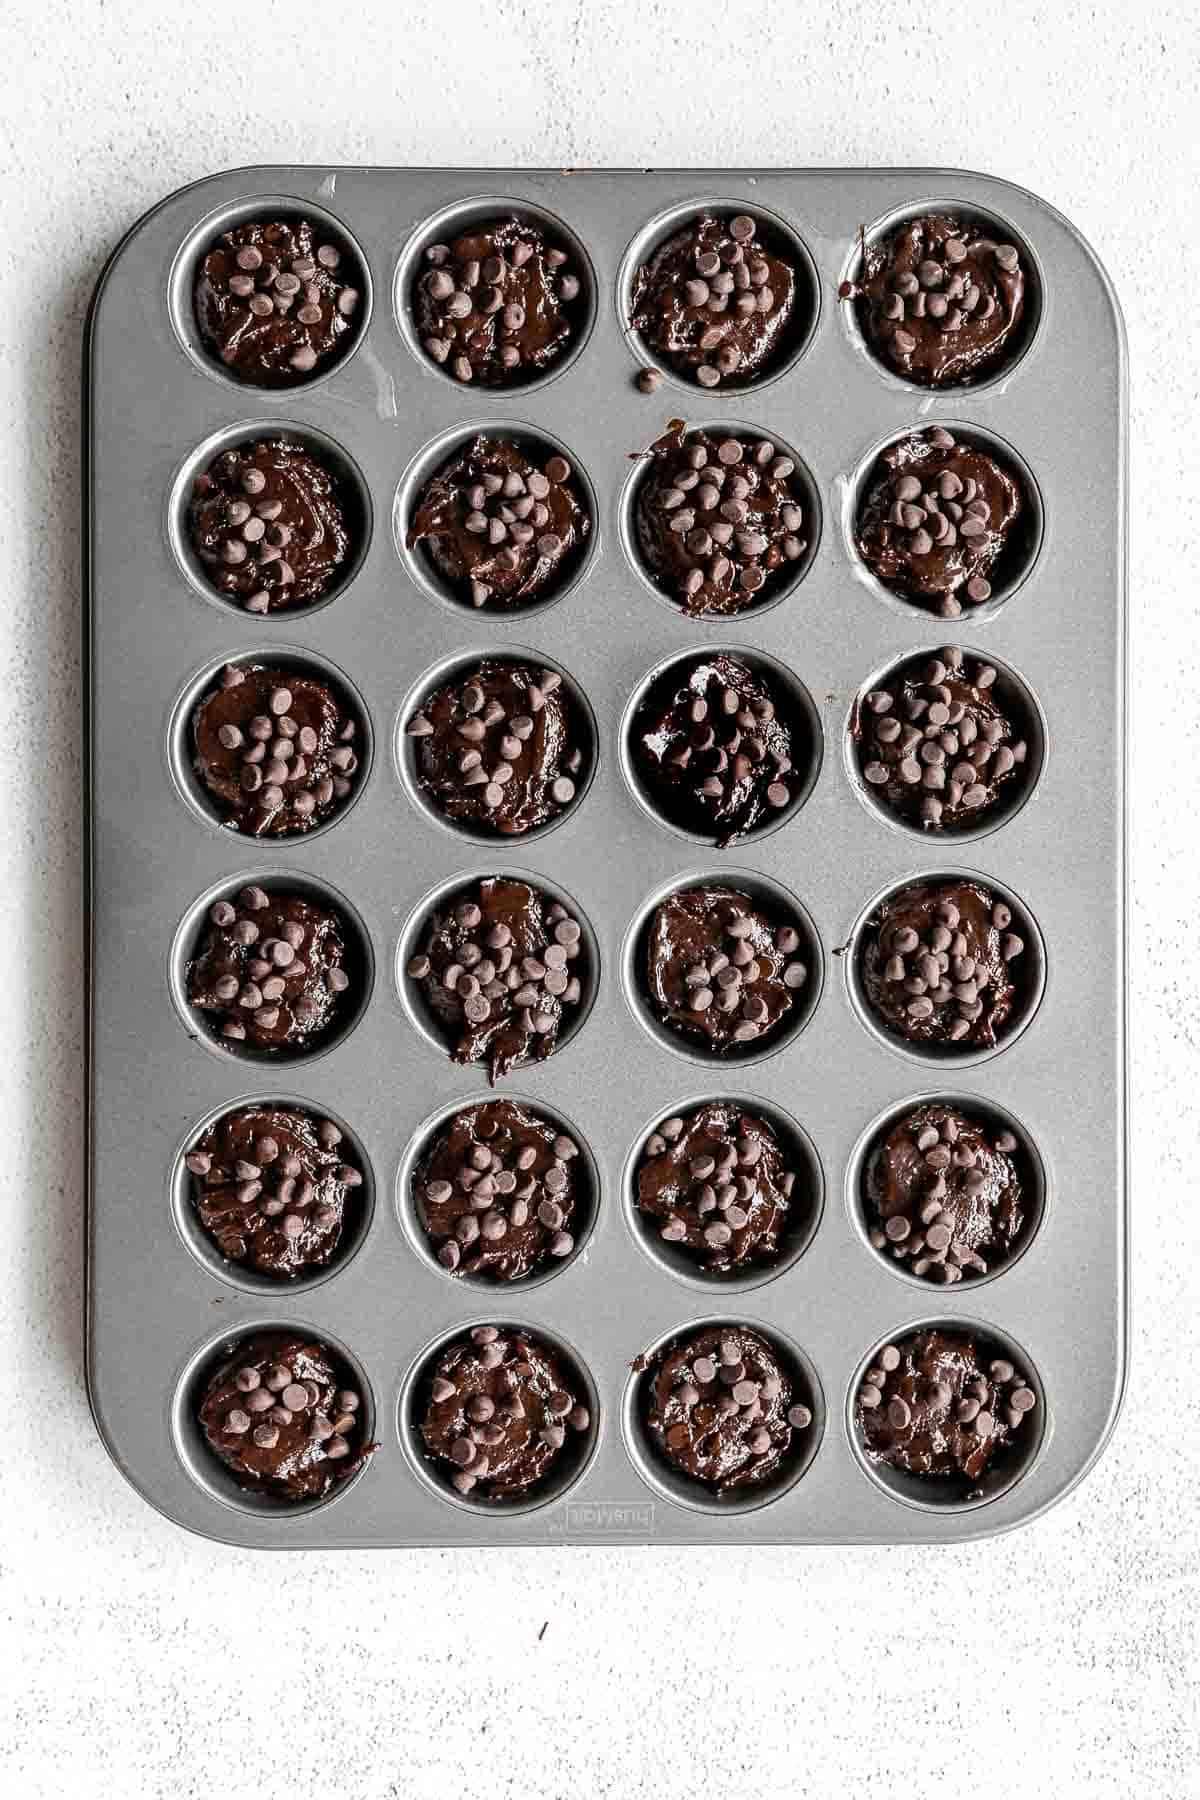 brownies in a baking pan